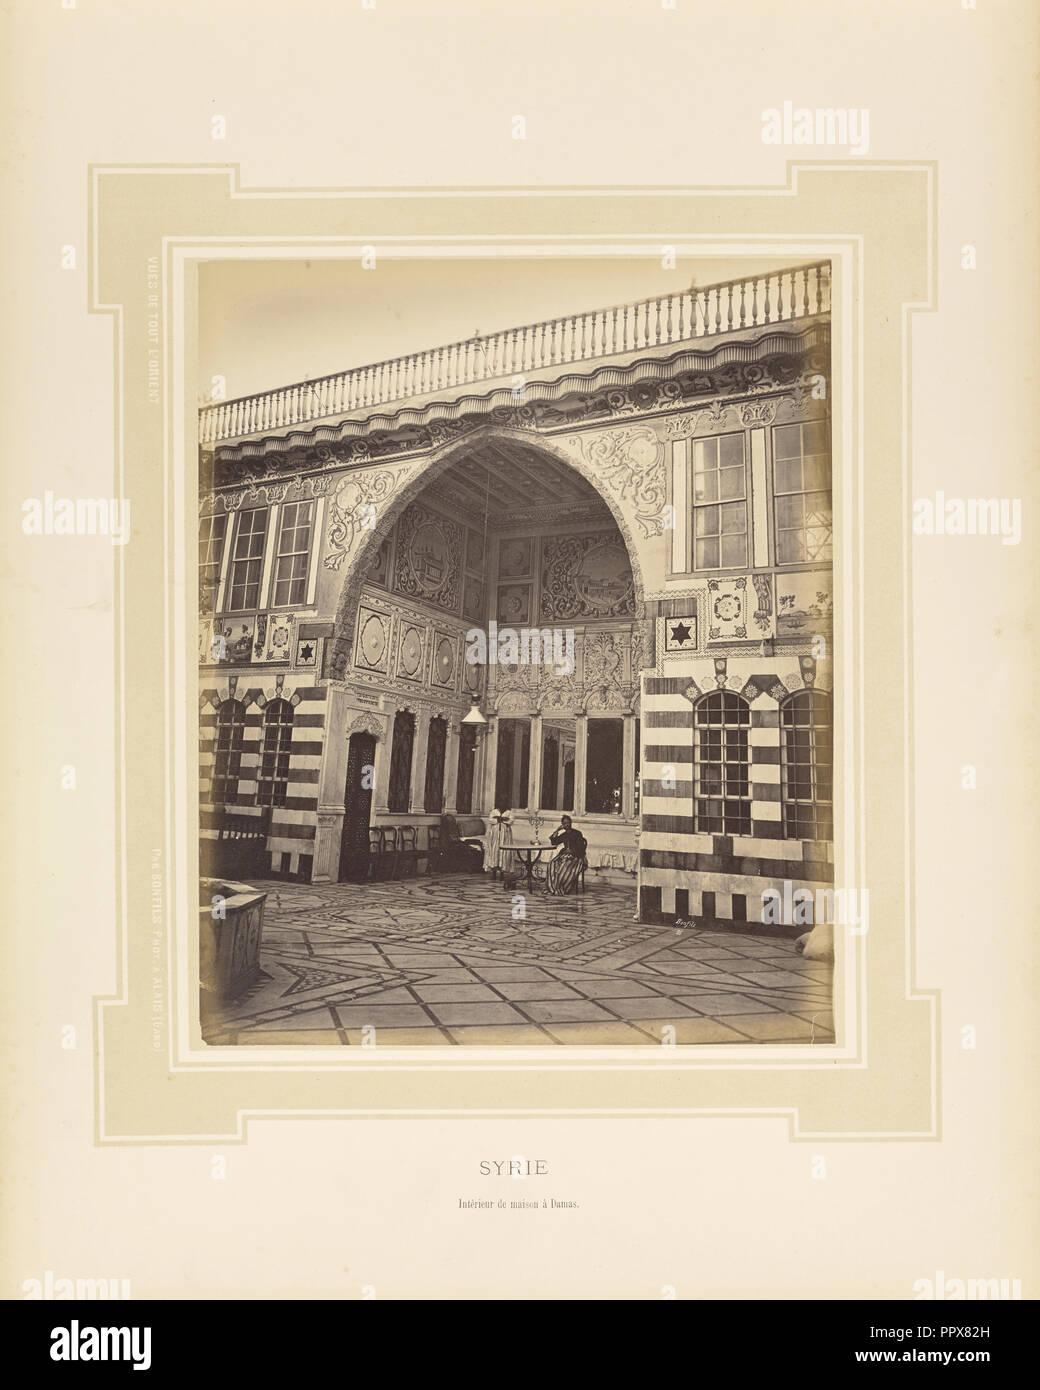 80, Syrien, Intérieur de maison à Damas; Félix Bonfils, Französisch ...